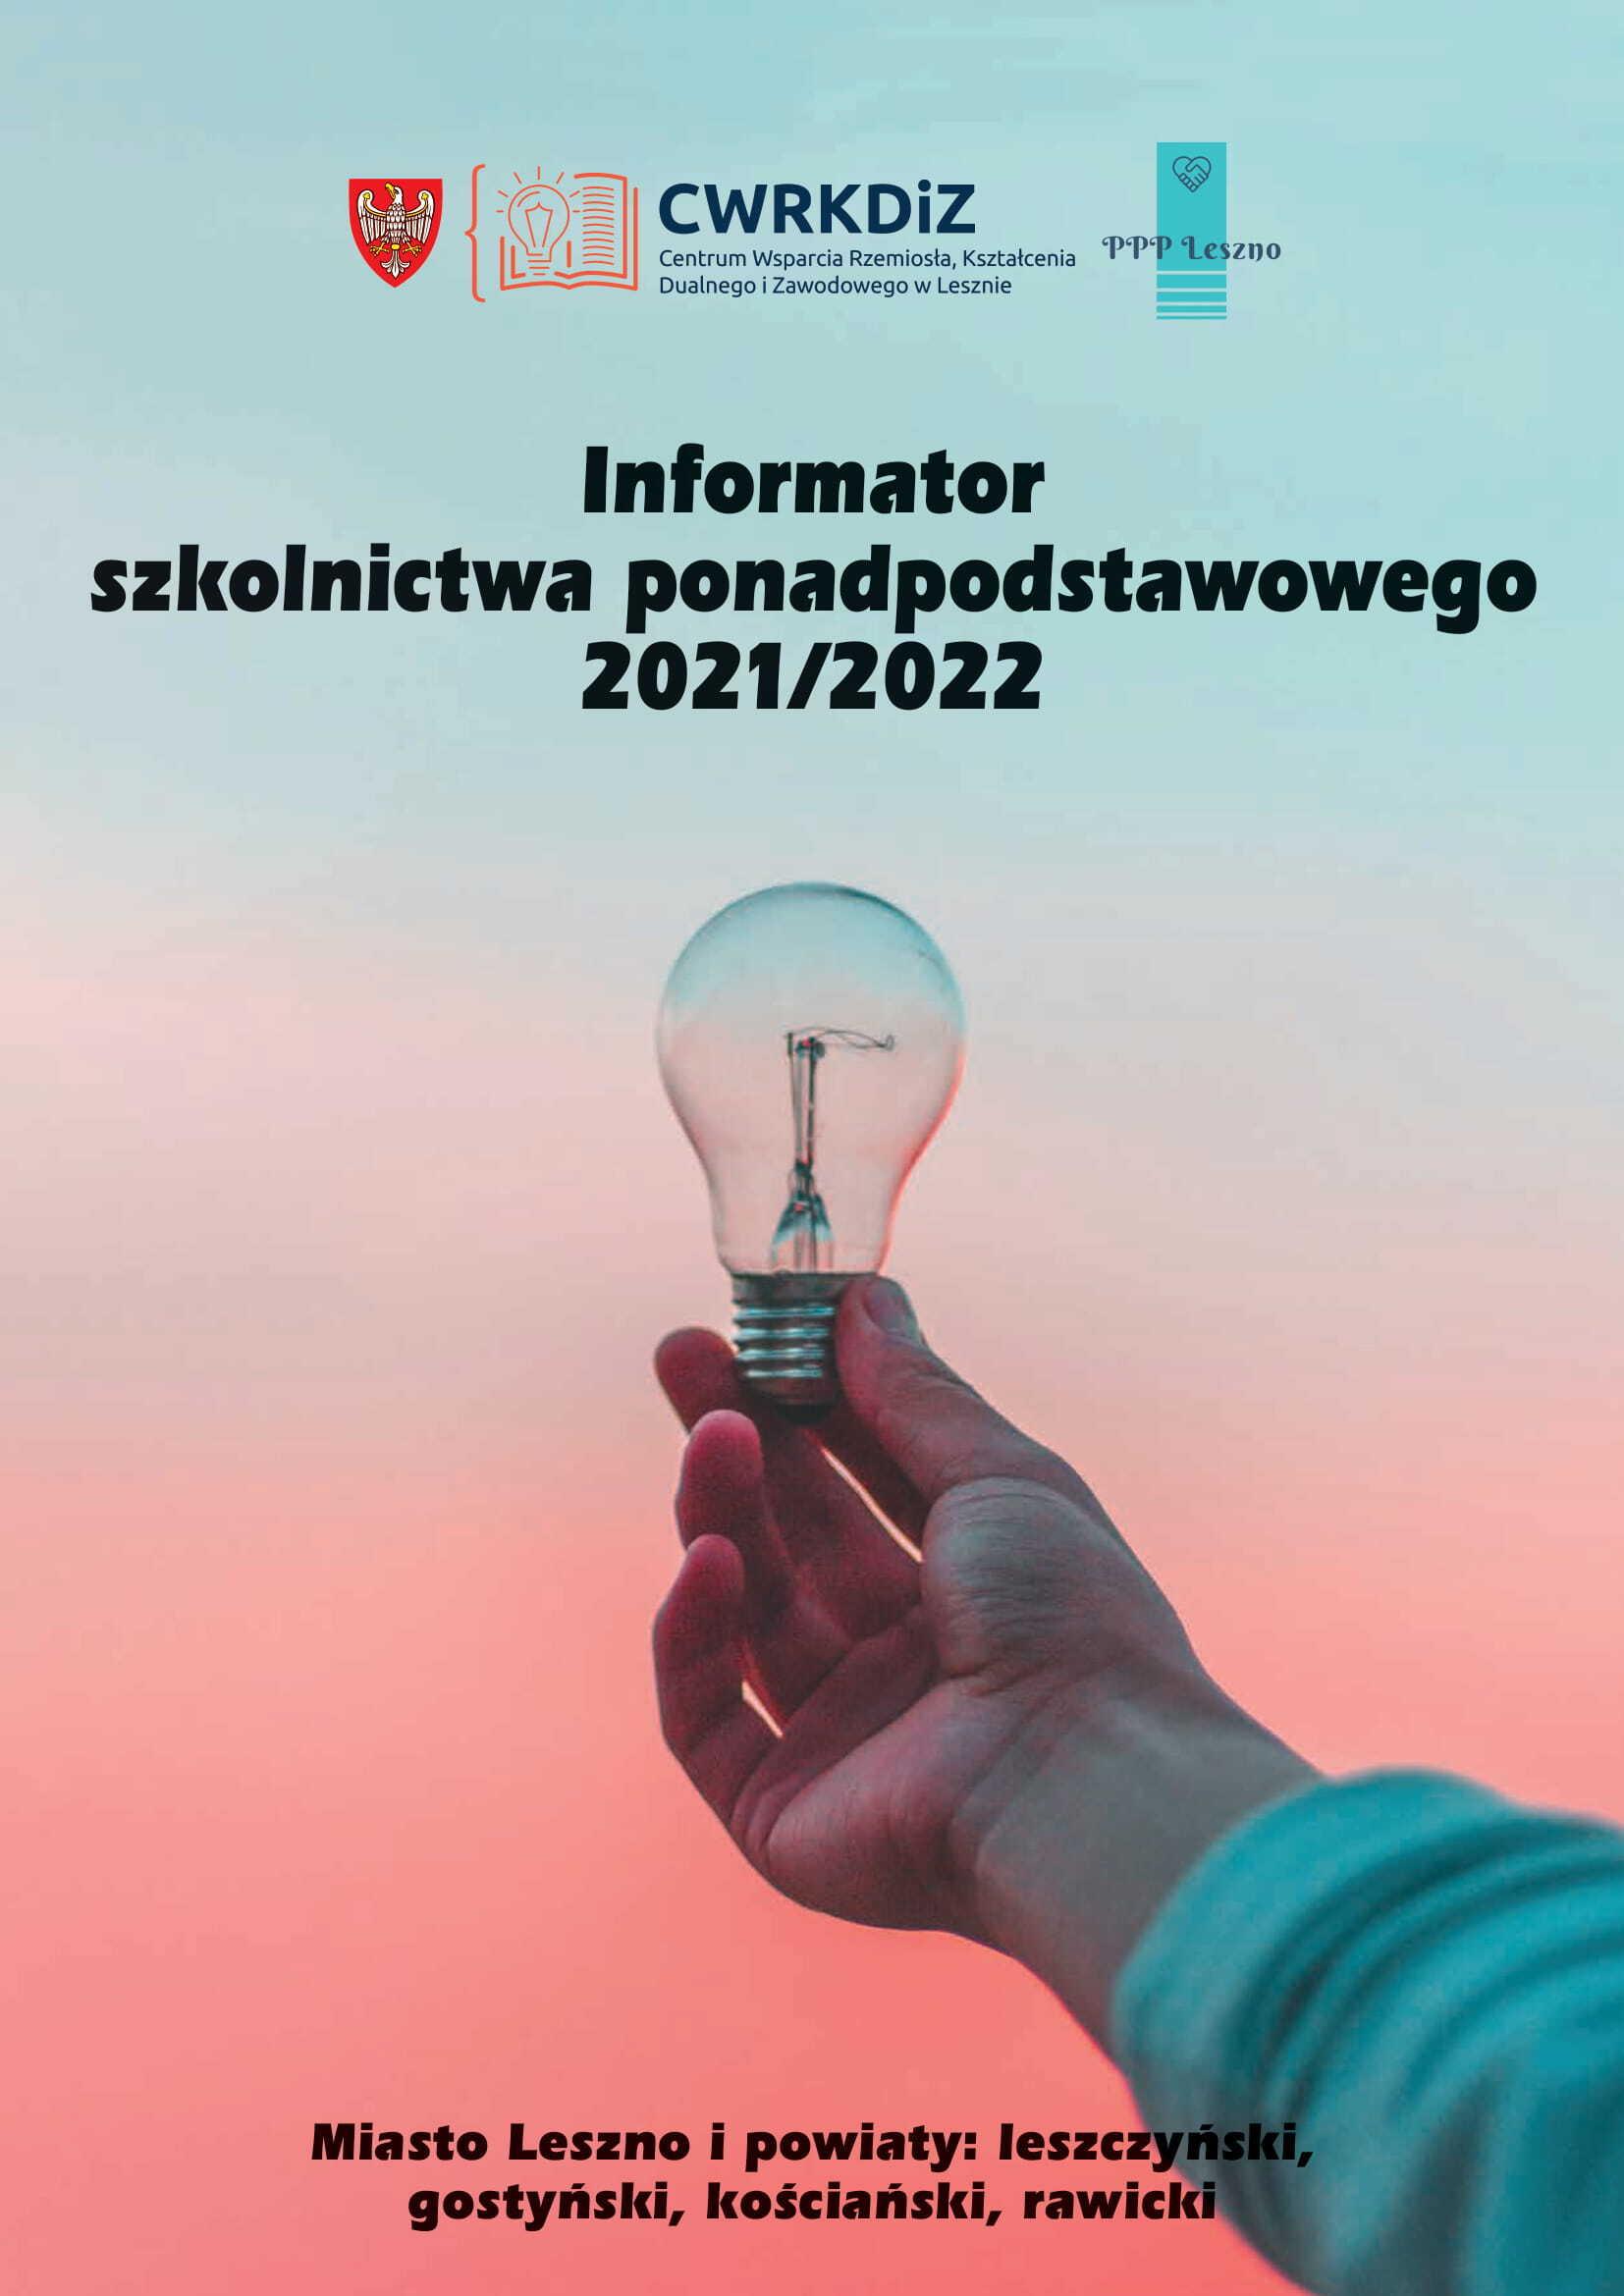 Na zdjęciu widać wyciągniętą rękę trzymającą żarówkę na błękitno-różowym tle, logo Centrum Wsparcia Rzemiosła, Kształcenia Dualnego i Zawodowego w Lesznie oraz Poradni Psychologiczno-Pedagogicznej w Lesznie oraz nazwę informatora i obszar, którego dotyczy.